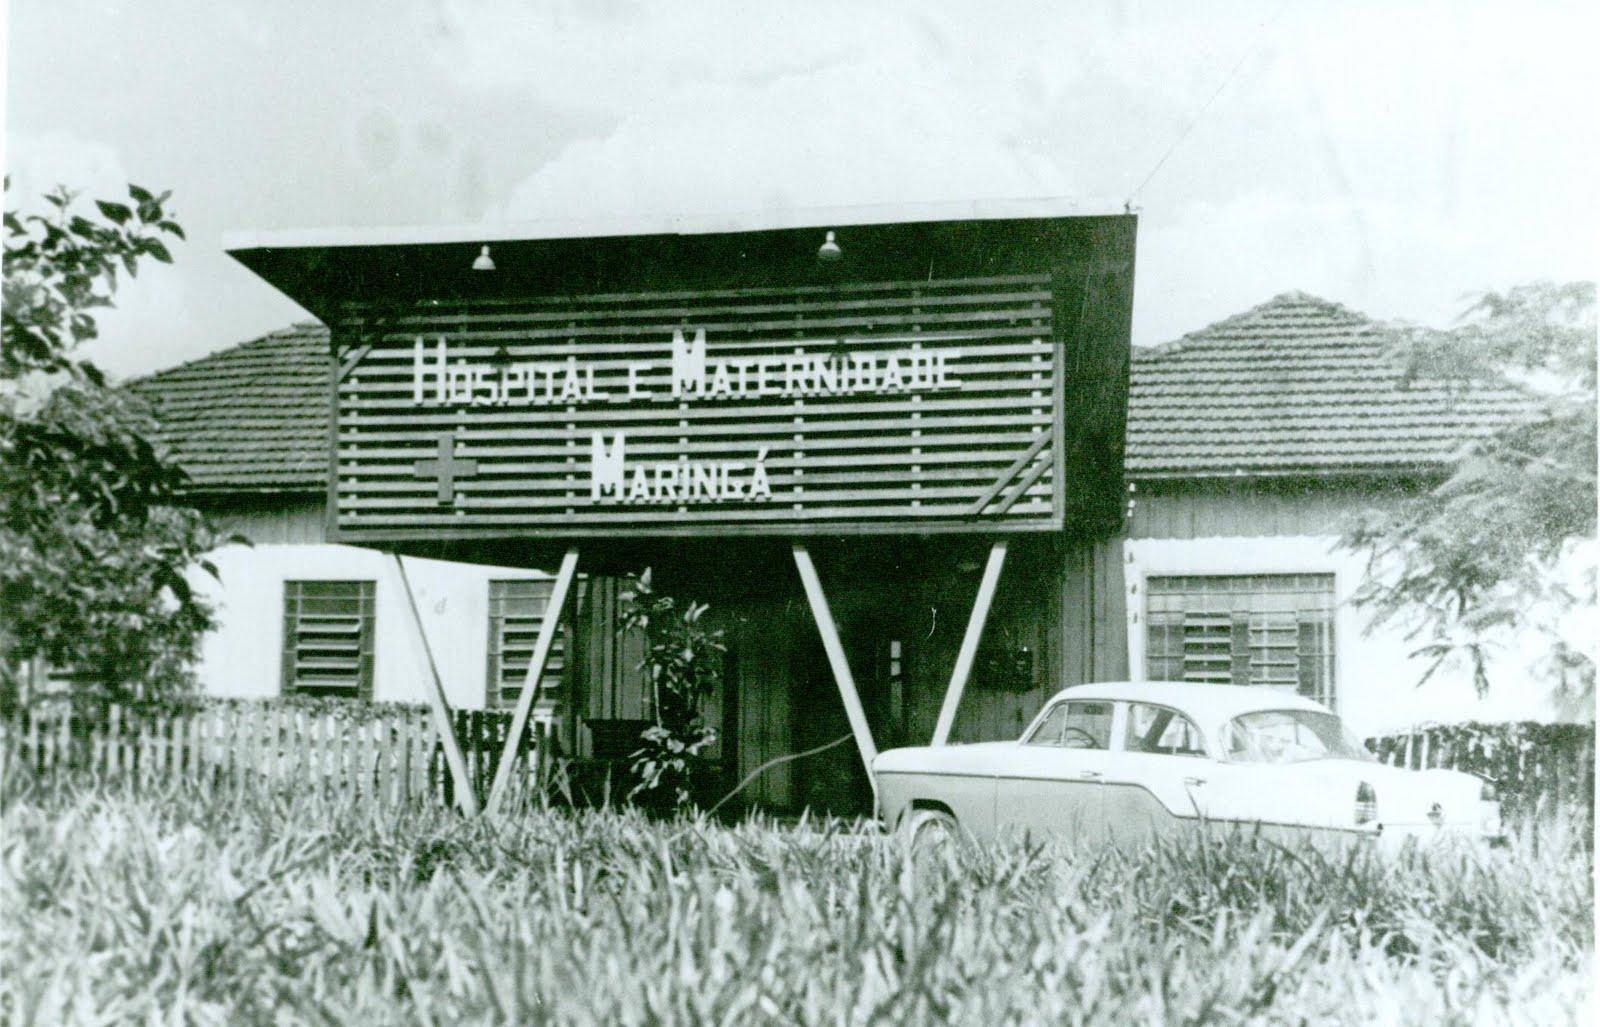 Hospital e Maternidade Maringá - Década de 1960